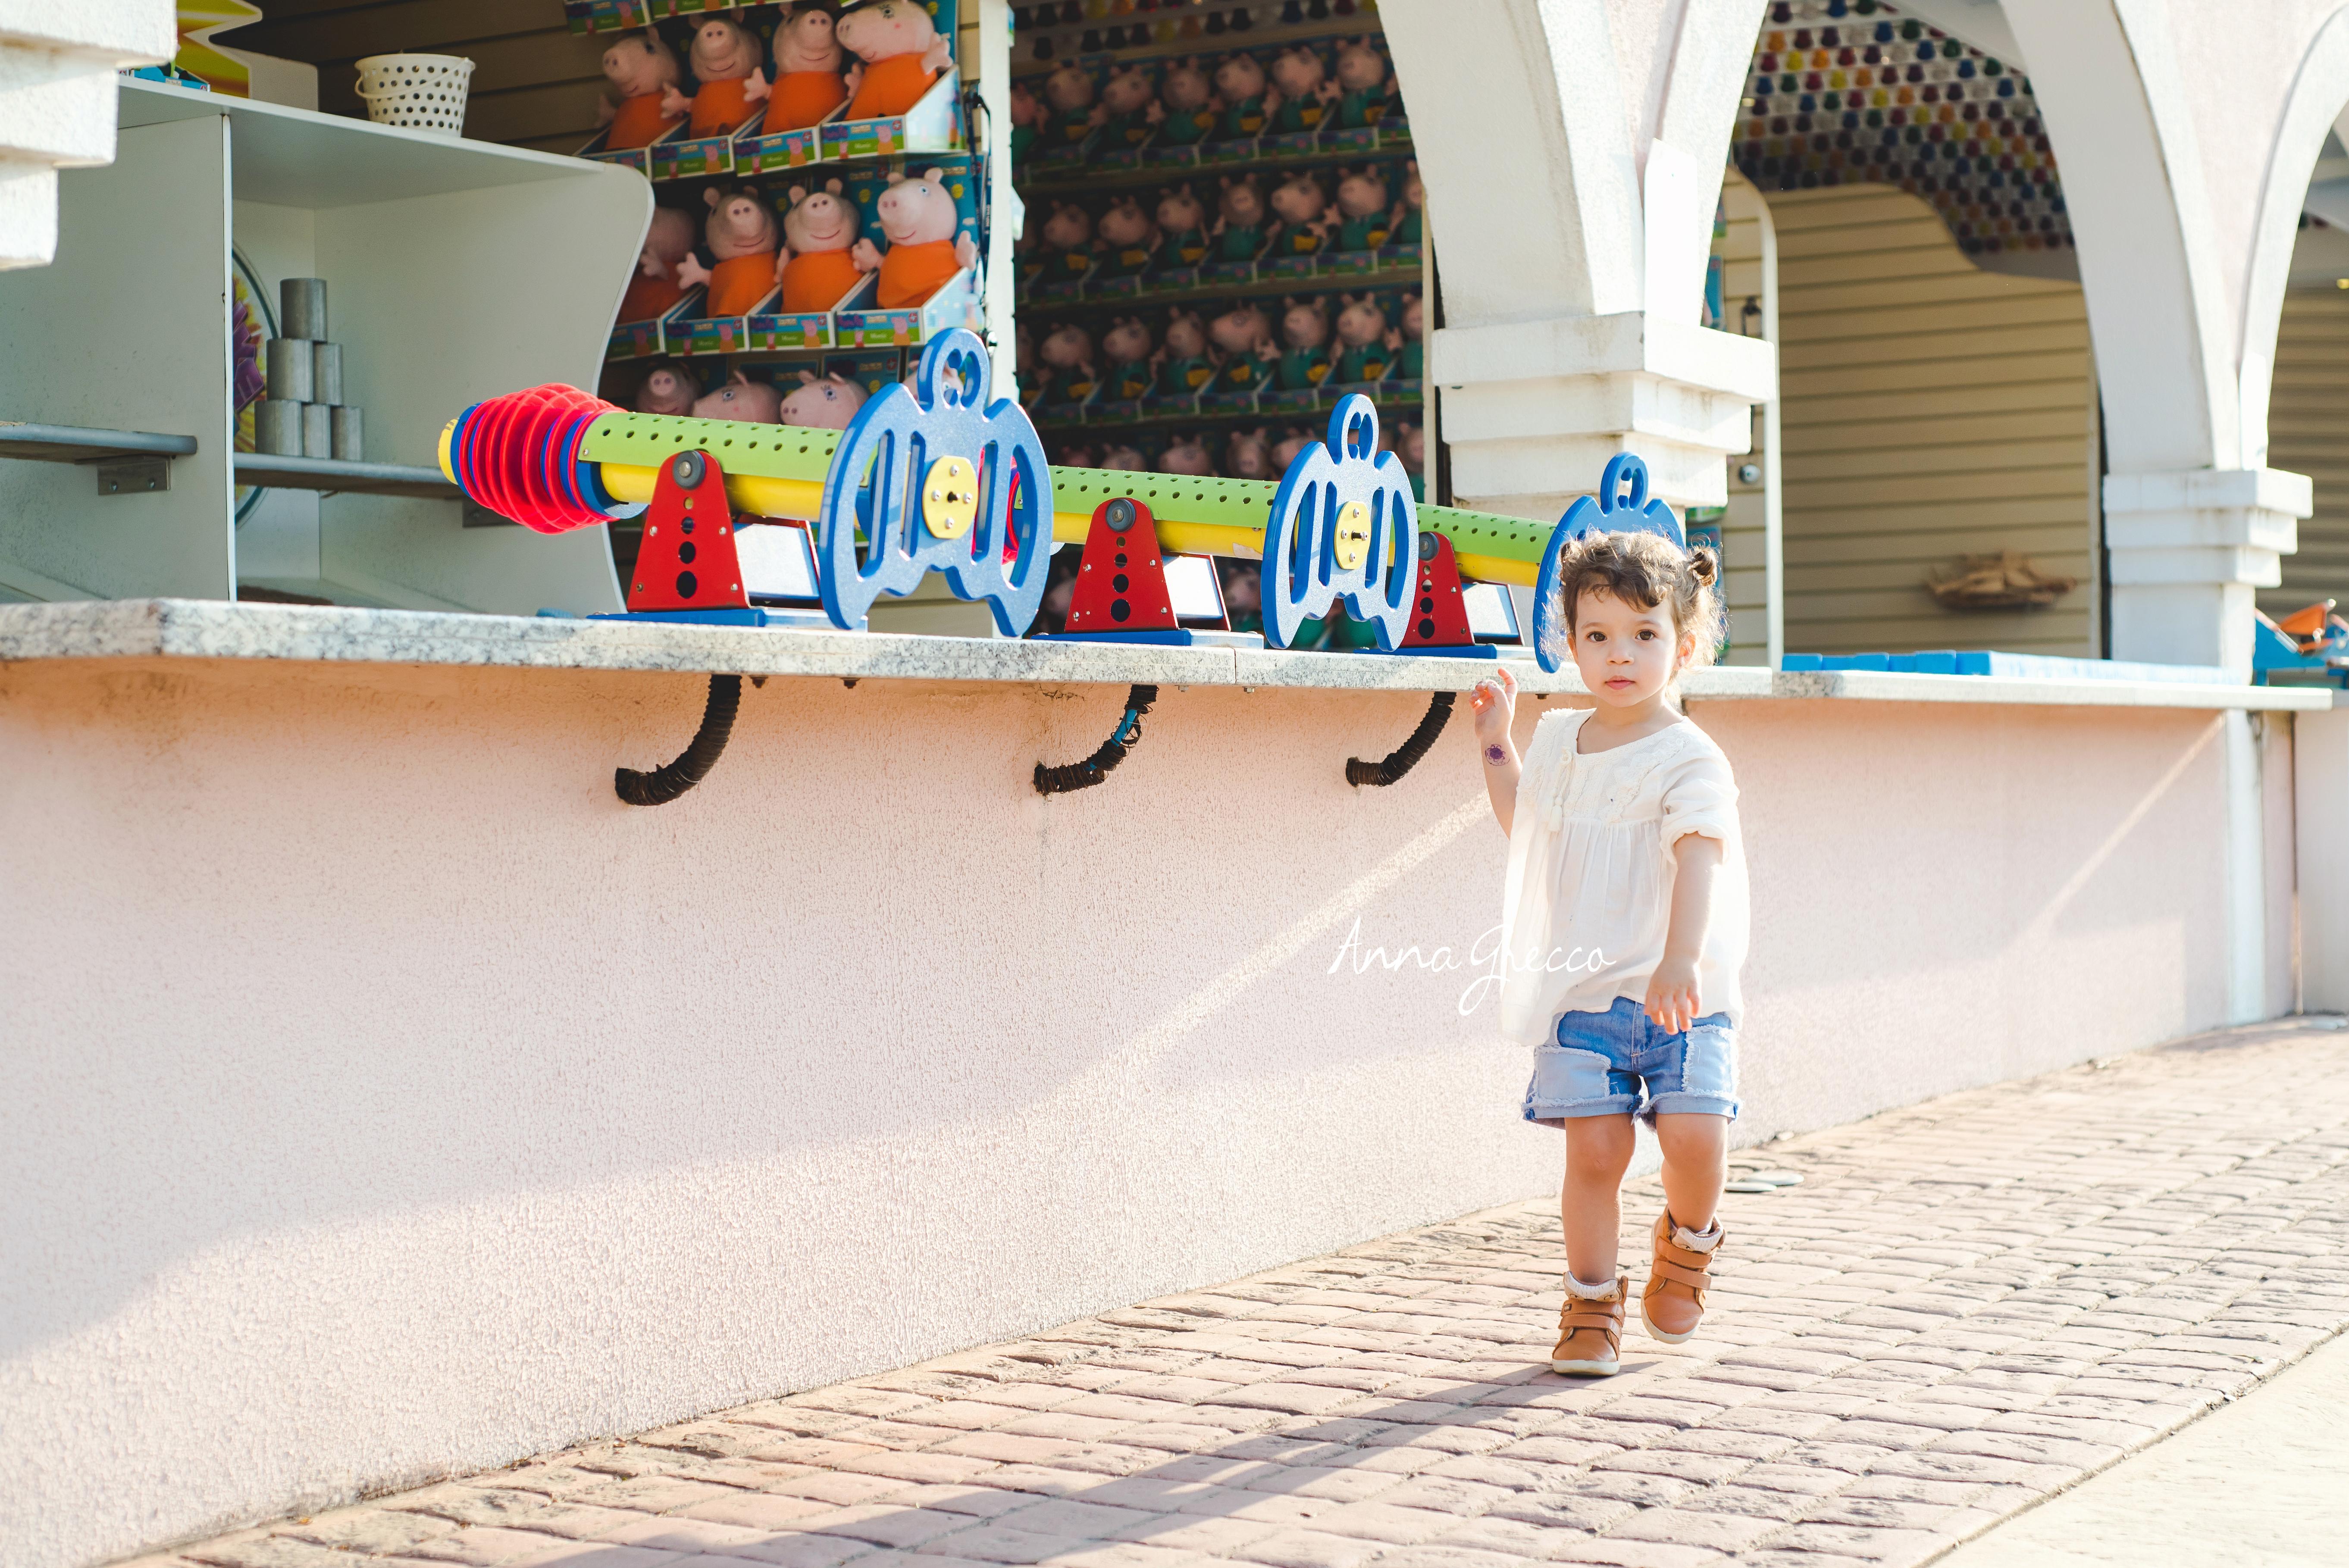 Hopi Hari parque de diversões - Sessão de fotos Anna Grecco ( www.annagrecco.com.br) Fotografa de Famílias, gestantes, bebês e crianças - Ensaio de acompanhamento 3 anos (Campinas, Valinhos, Vinhedo, Jundiaí, São Paulo e região) - contato3@annagrecco.com.br